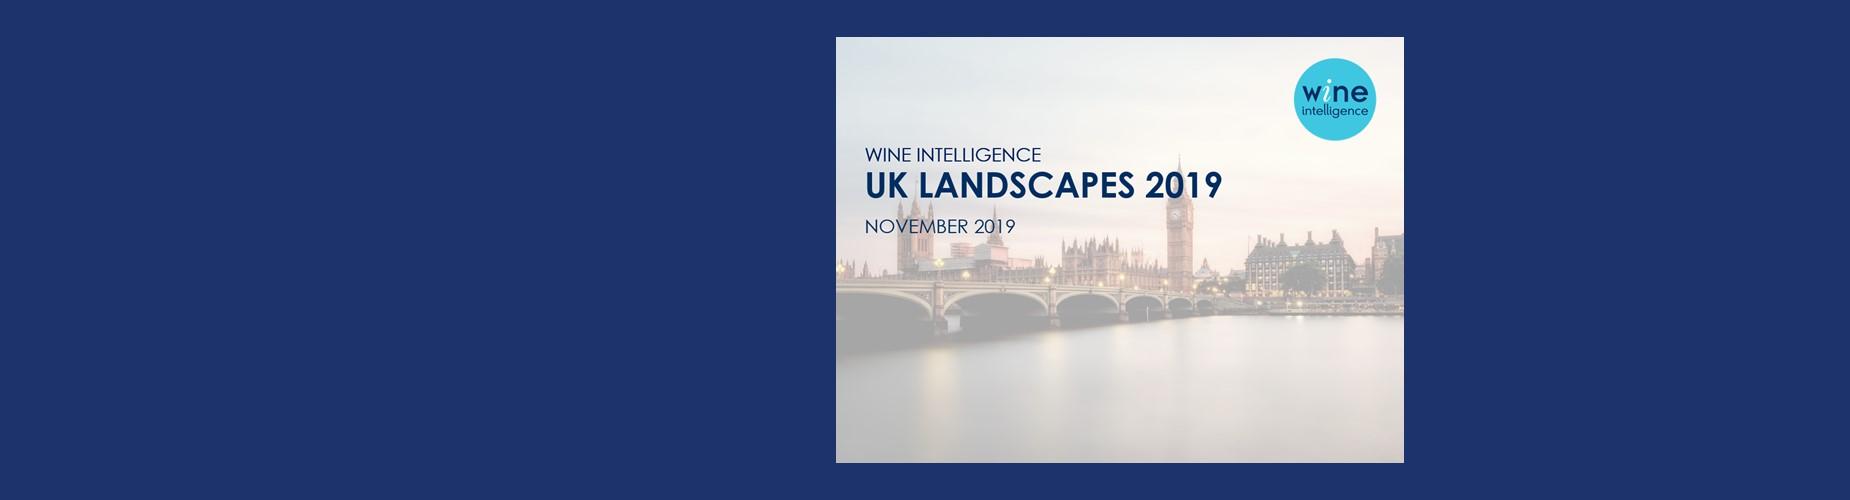 UK Landscapes 2019